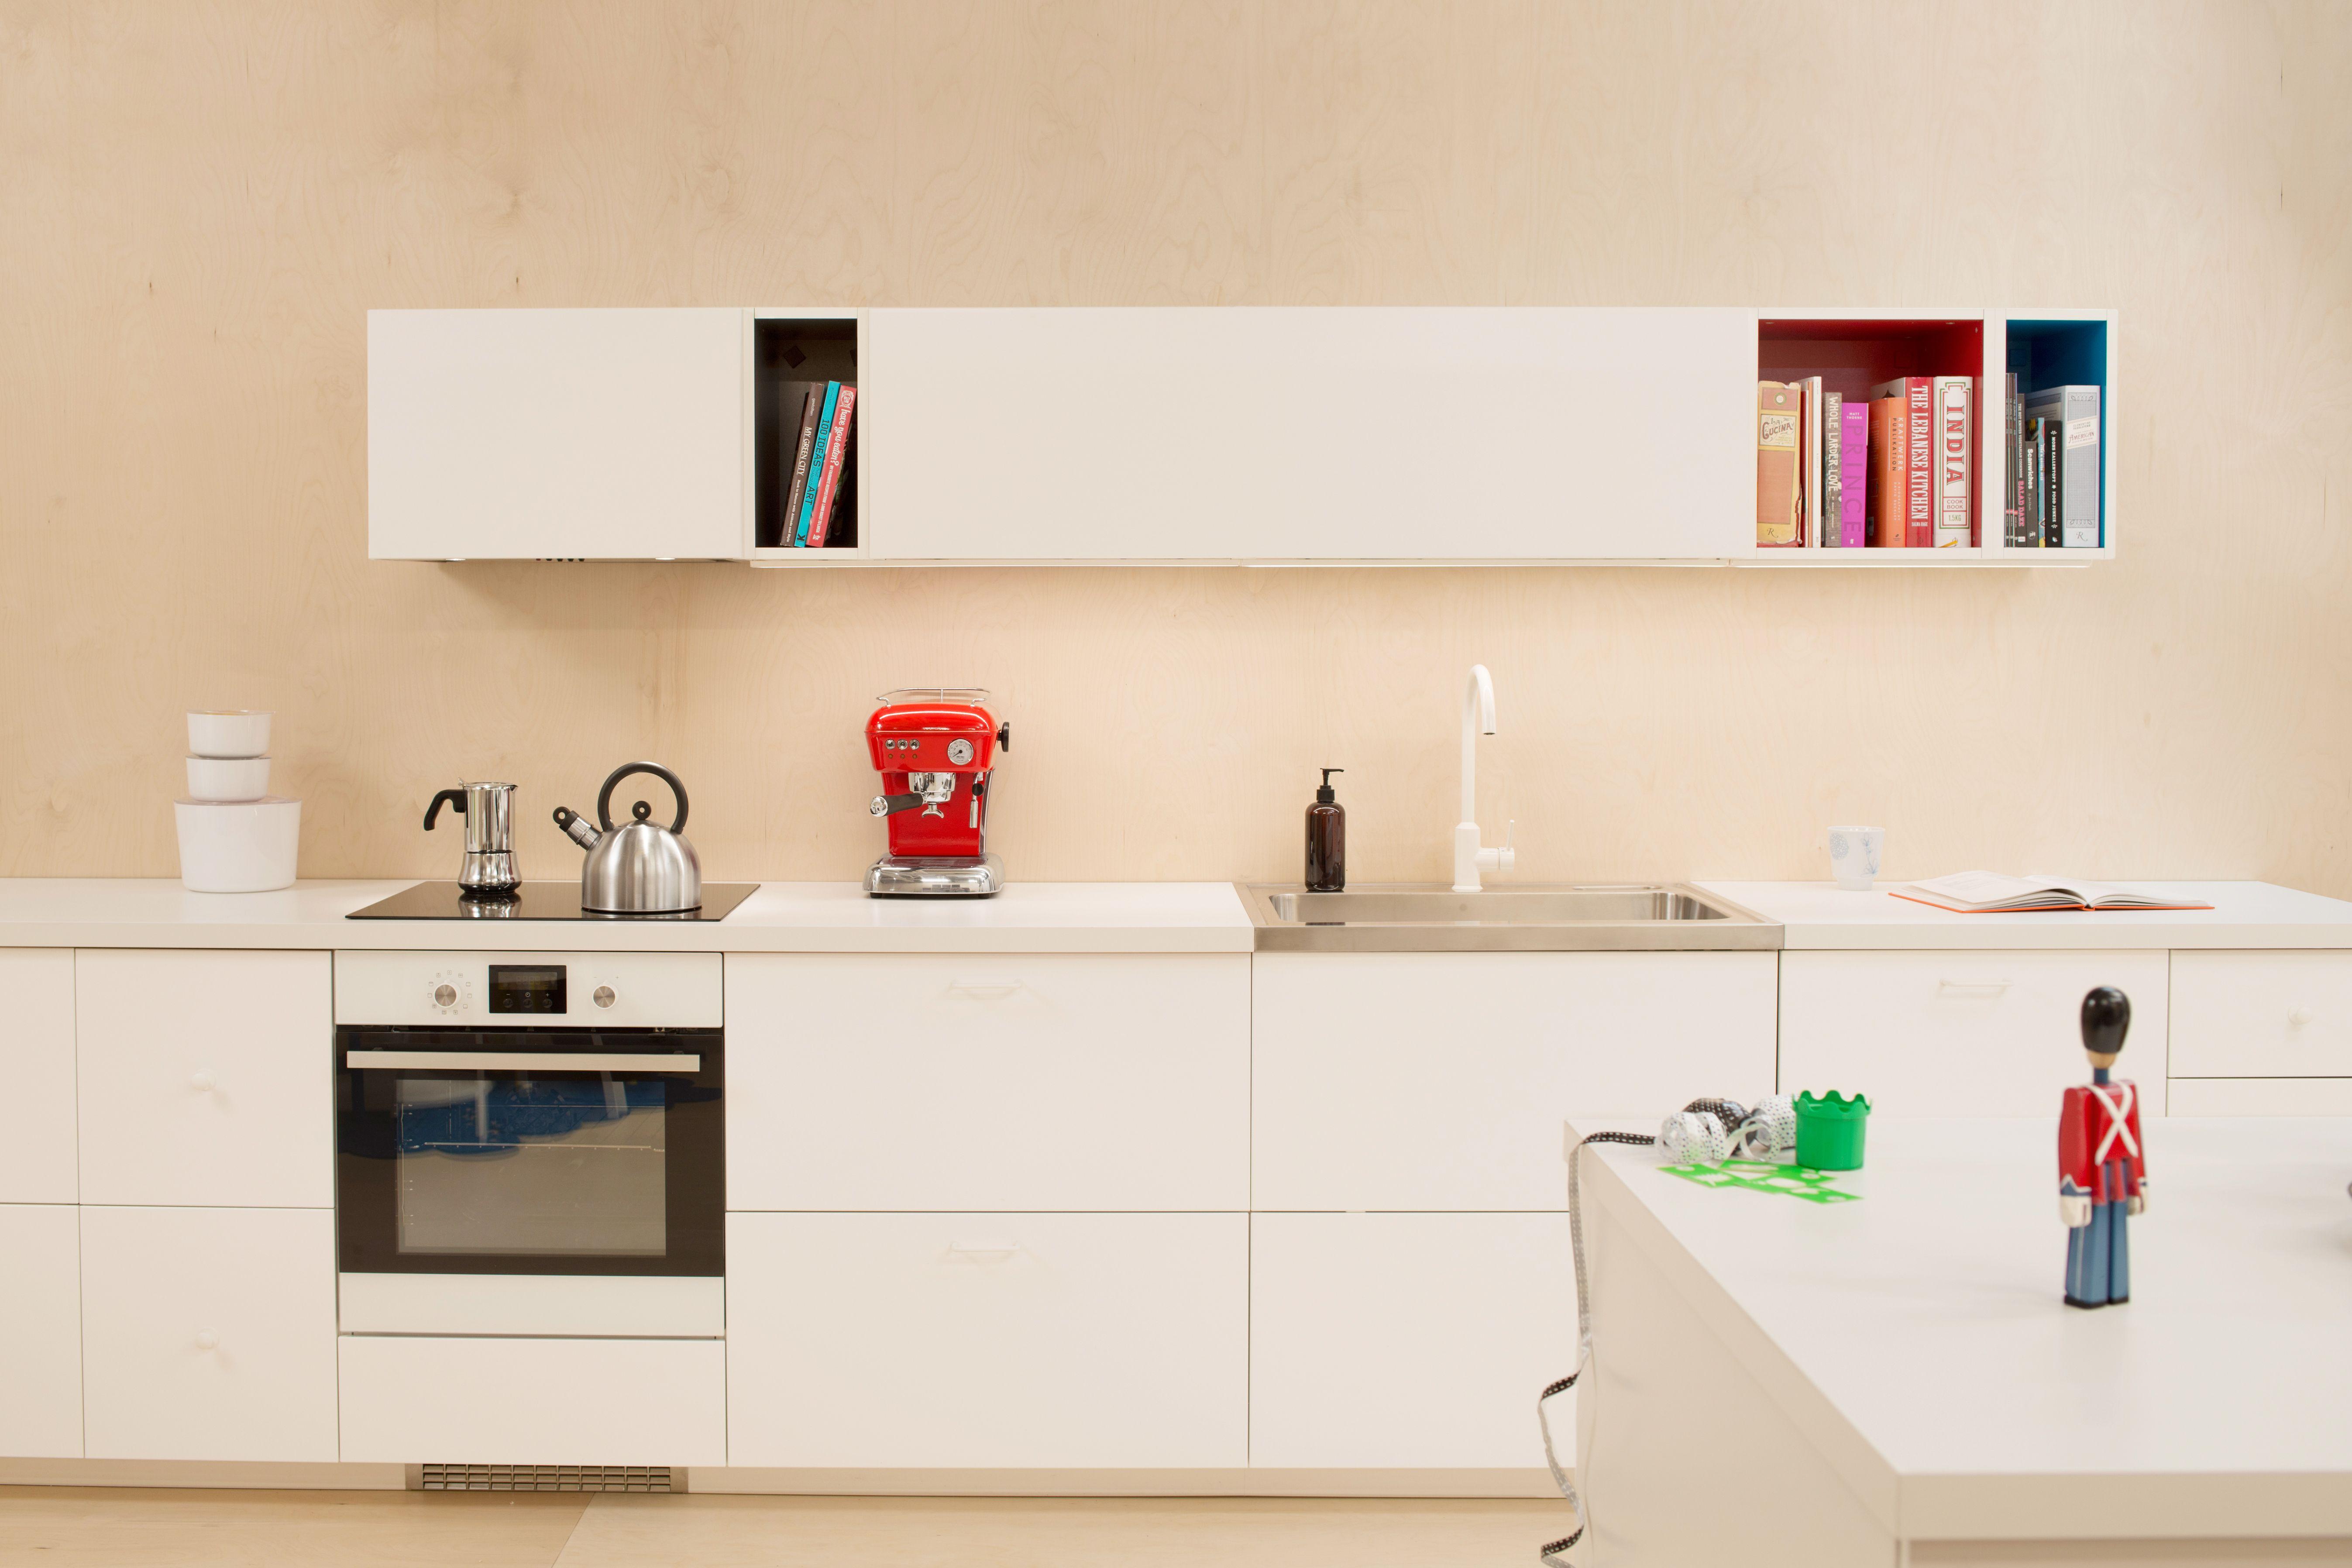 Ikea kitchen news: Metod kitchen